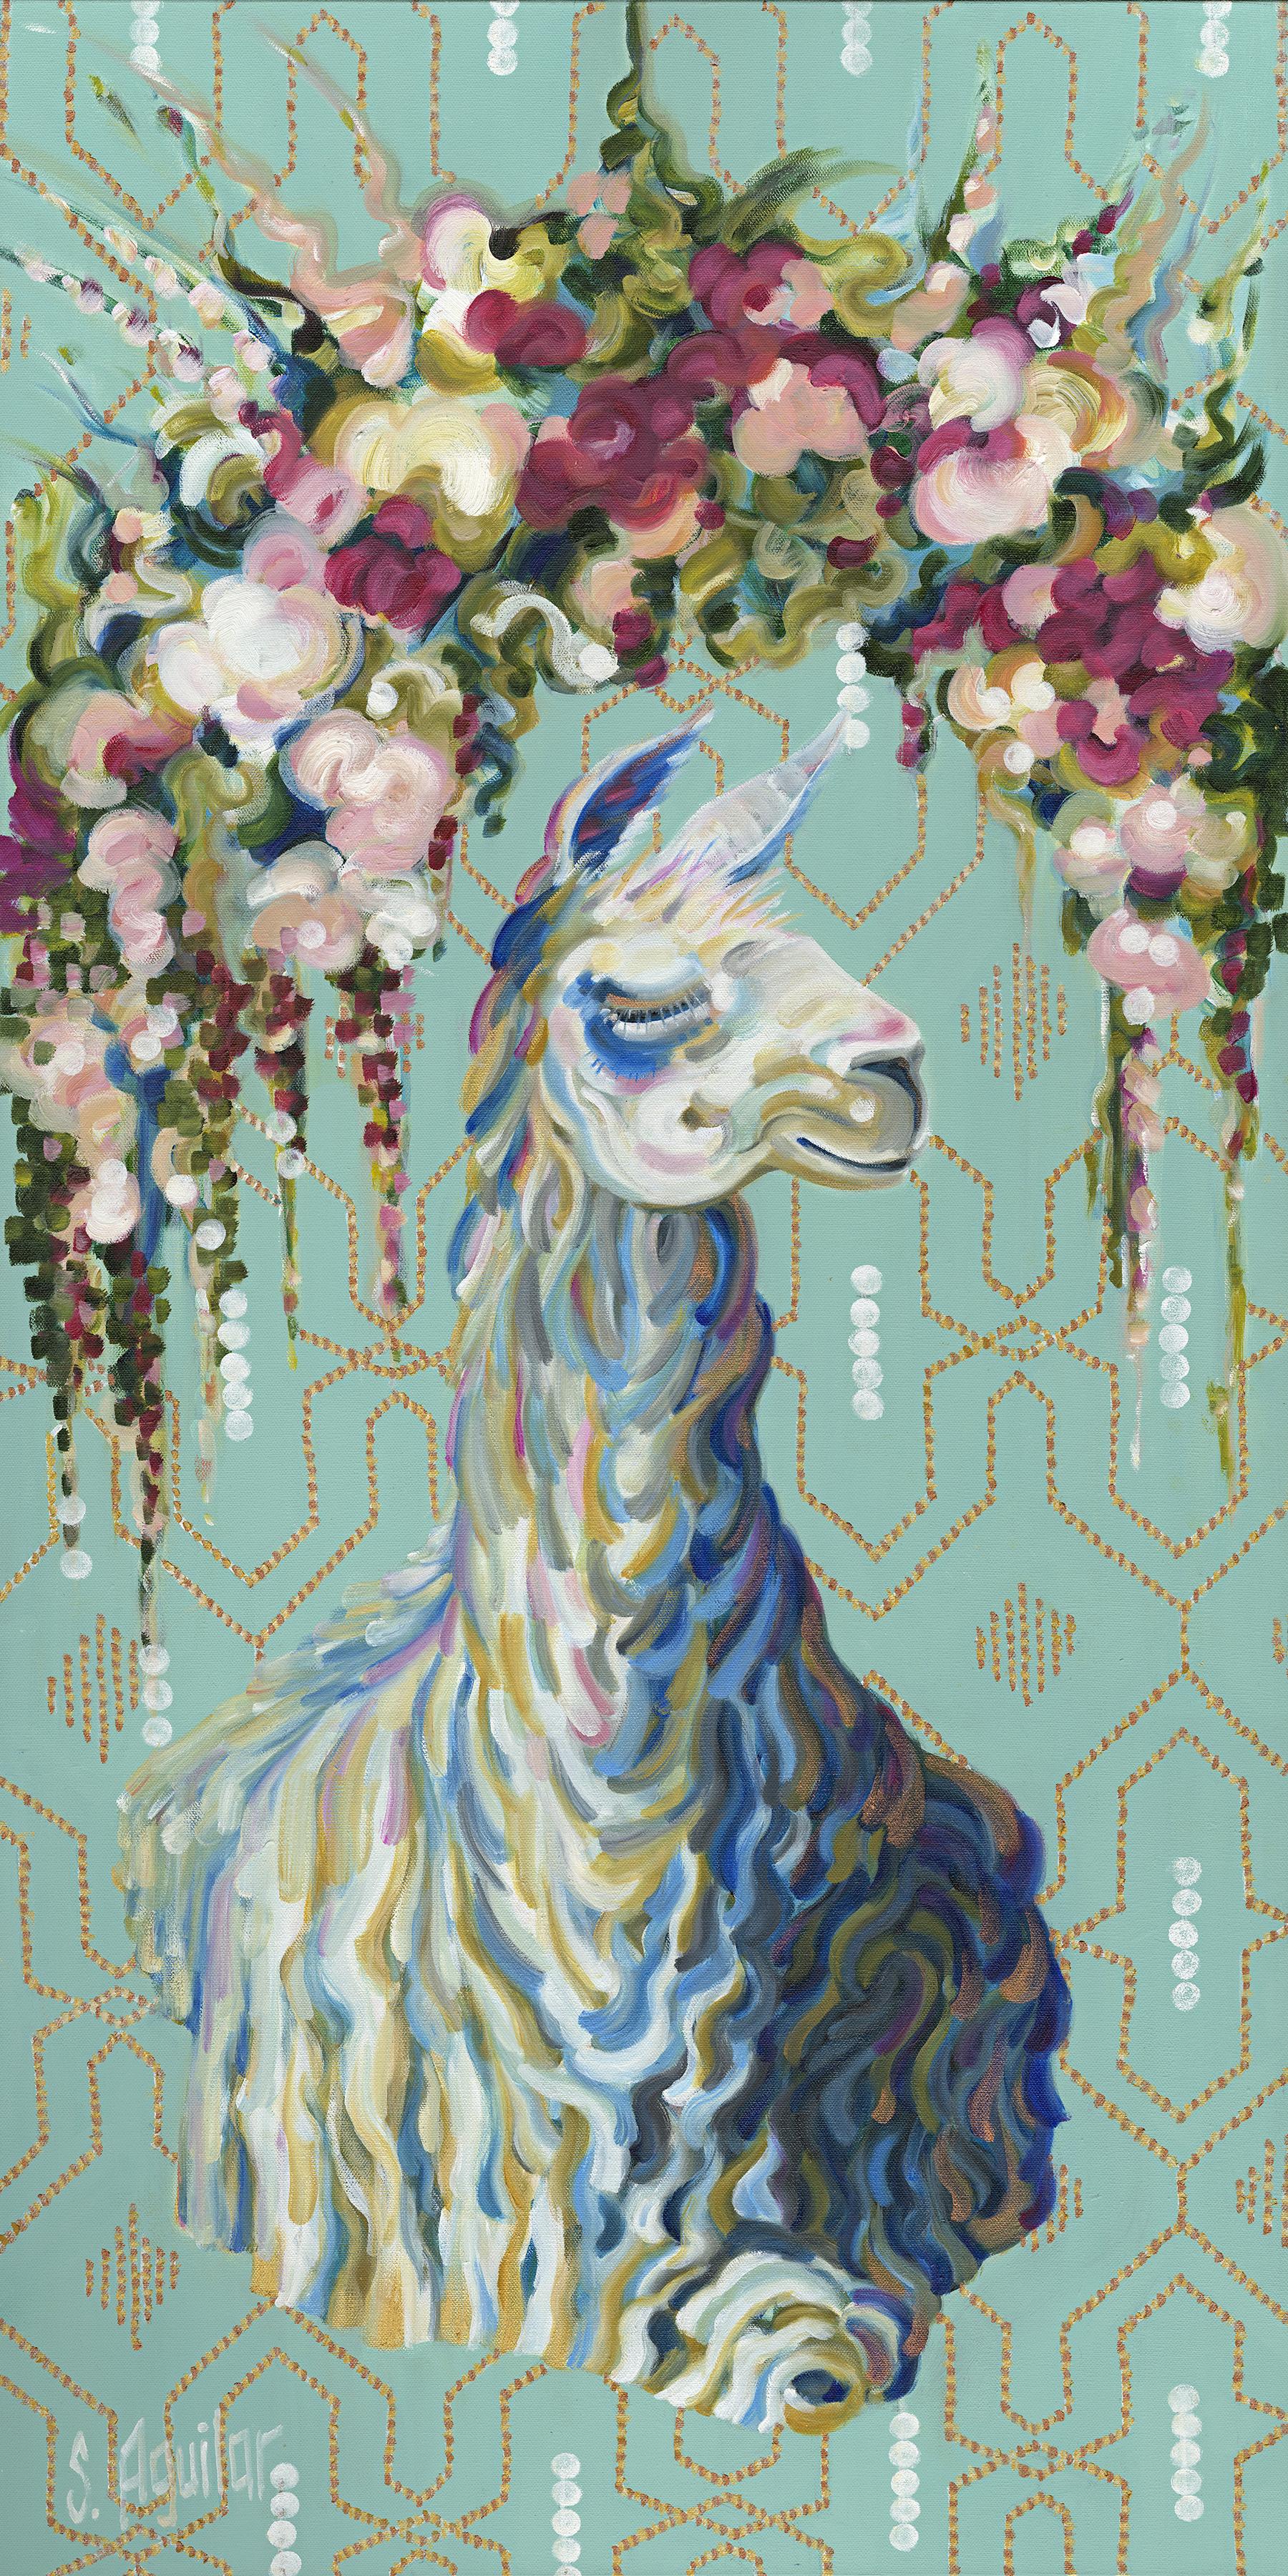 Zen Llama, 2019